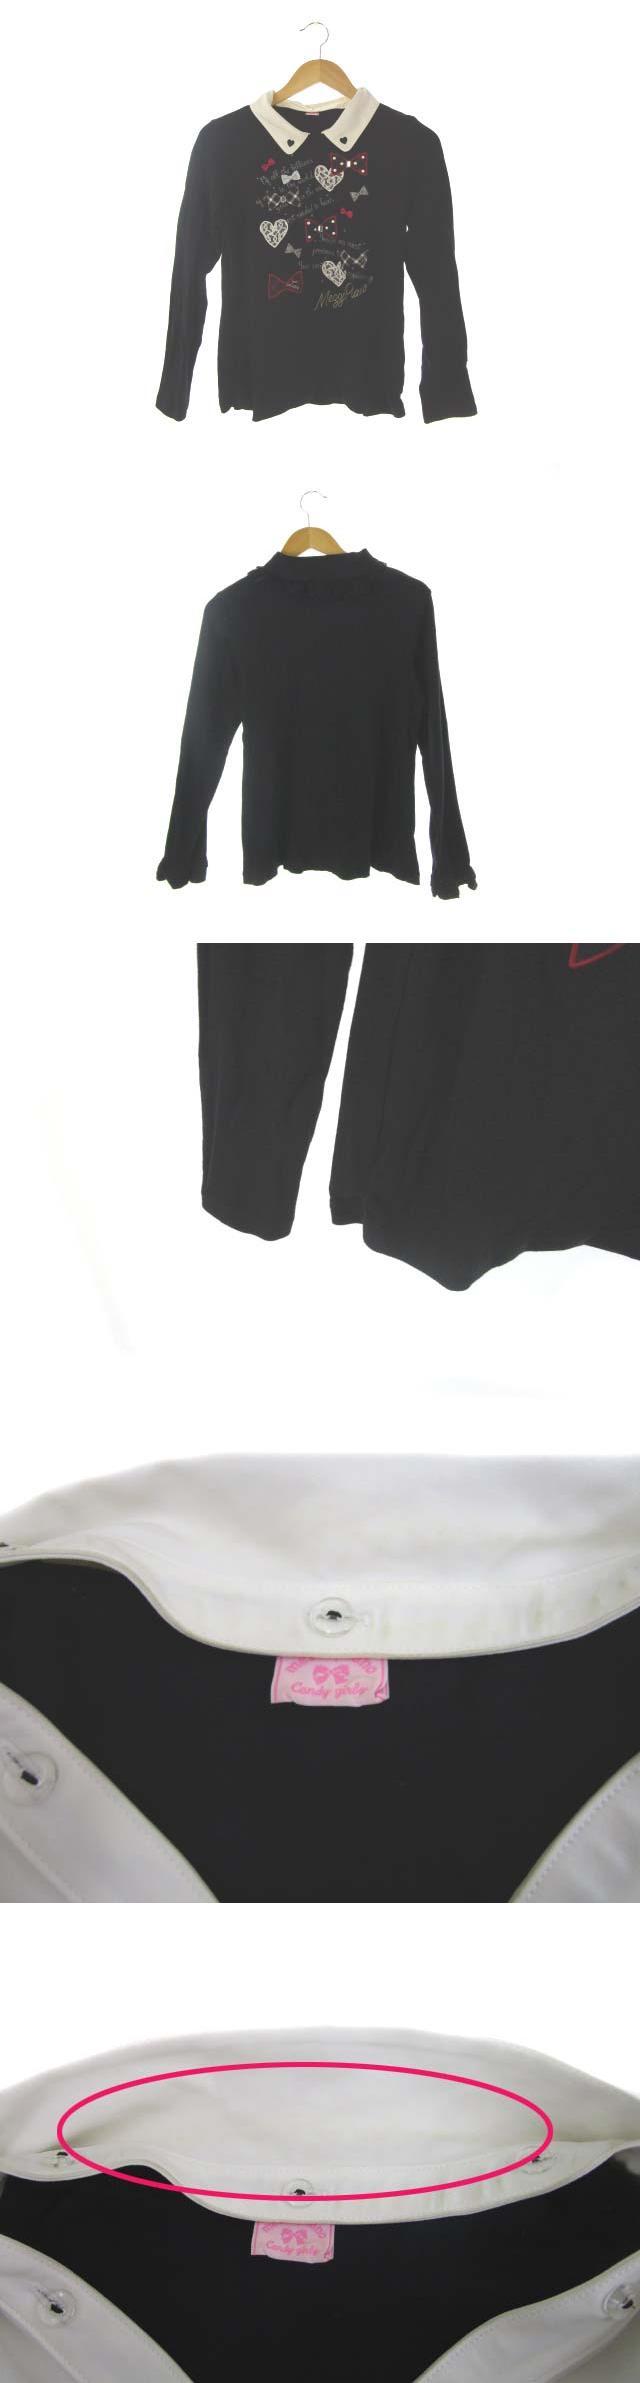 Tシャツ カットソー プリント トップス 黒 ブラック 160 ジュニア 子供服